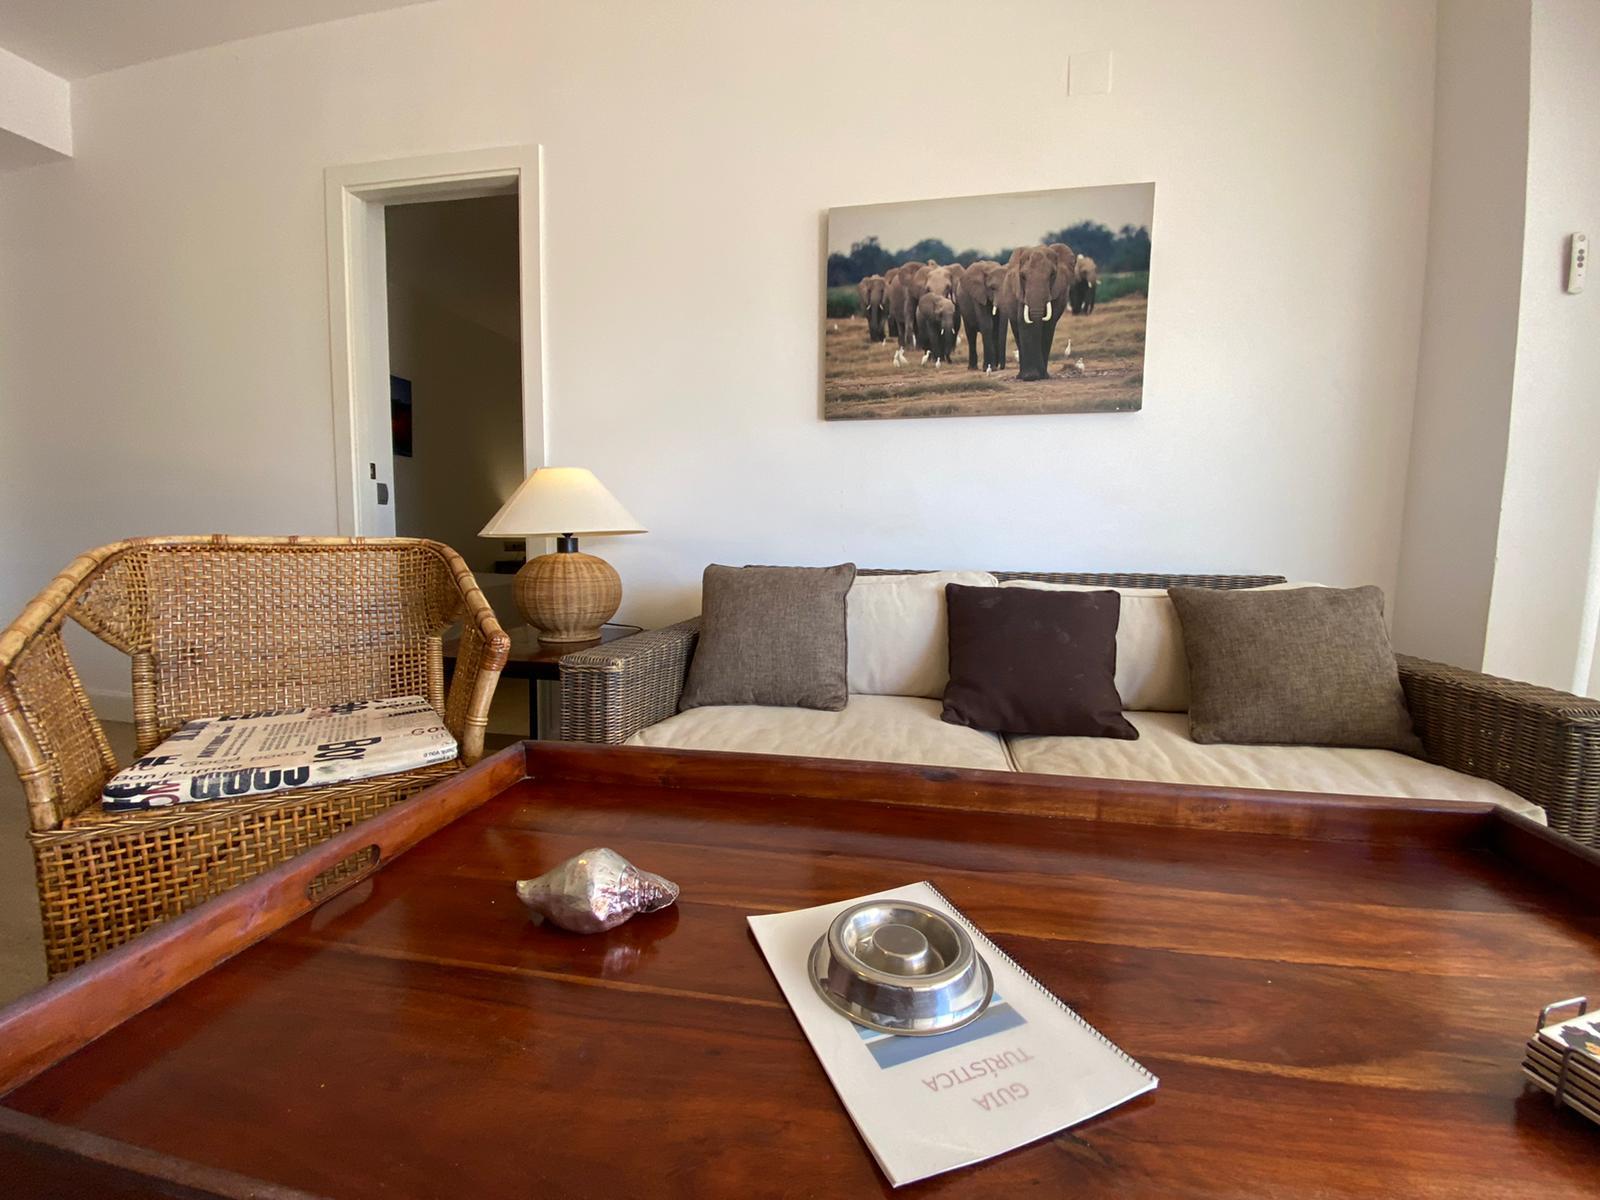 Imagen 17 del Apartamento Turístico, Ático 7 Poniente (3d+2b), Punta del Moral (HUELVA), Paseo de la Cruz nº22